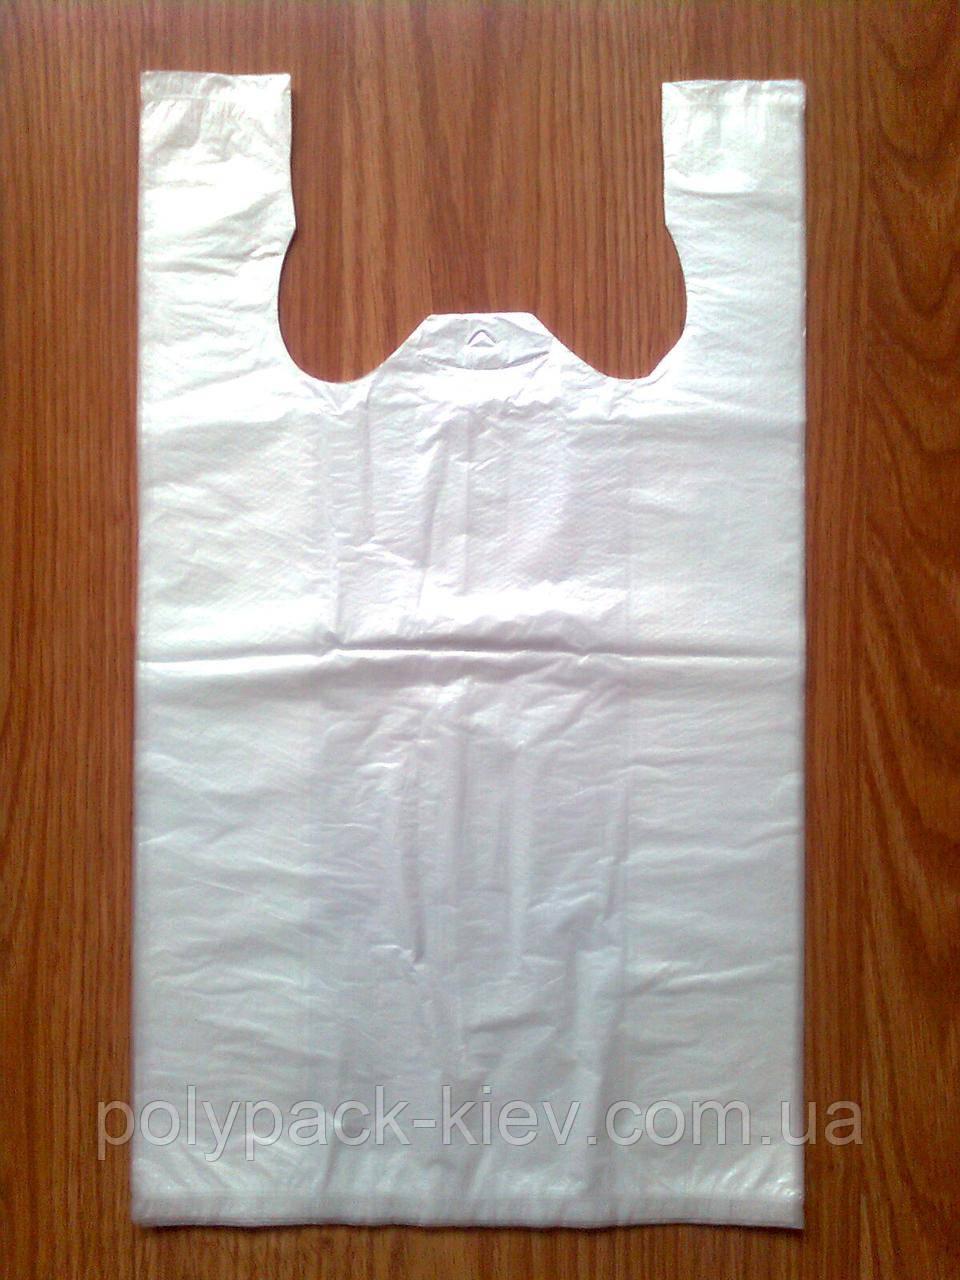 Пакети-майка супер 25х43 см/12 мкм біла, міцні білі пакети пакет пакувальний кульки від виробника оптом